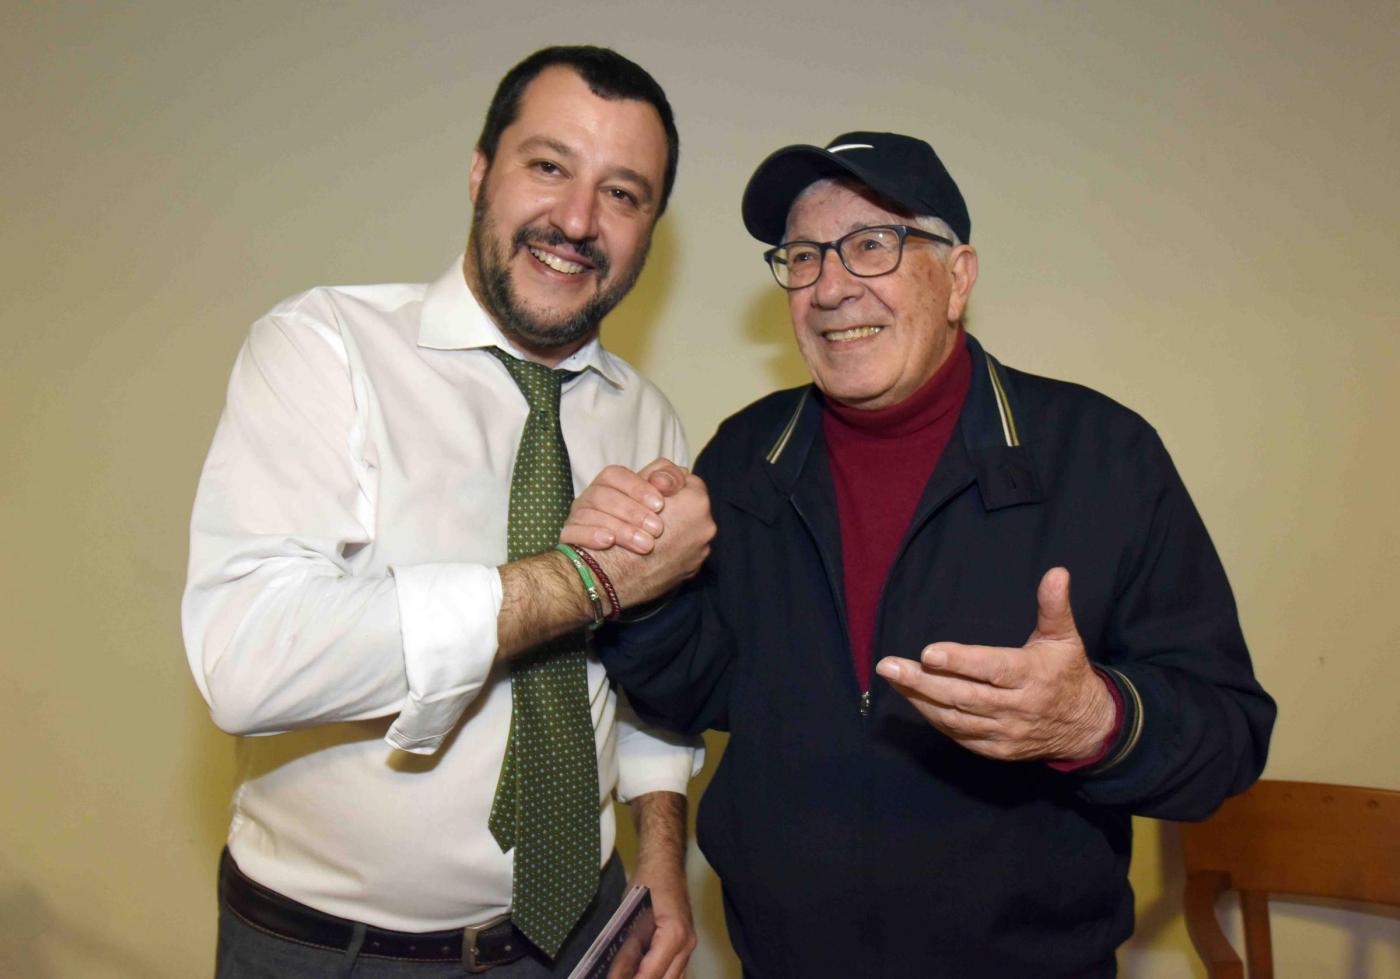 Salvini a Napoli e Peppino Di Capri: la profezia di Massimo Troisi si avvera dopo 27 anni